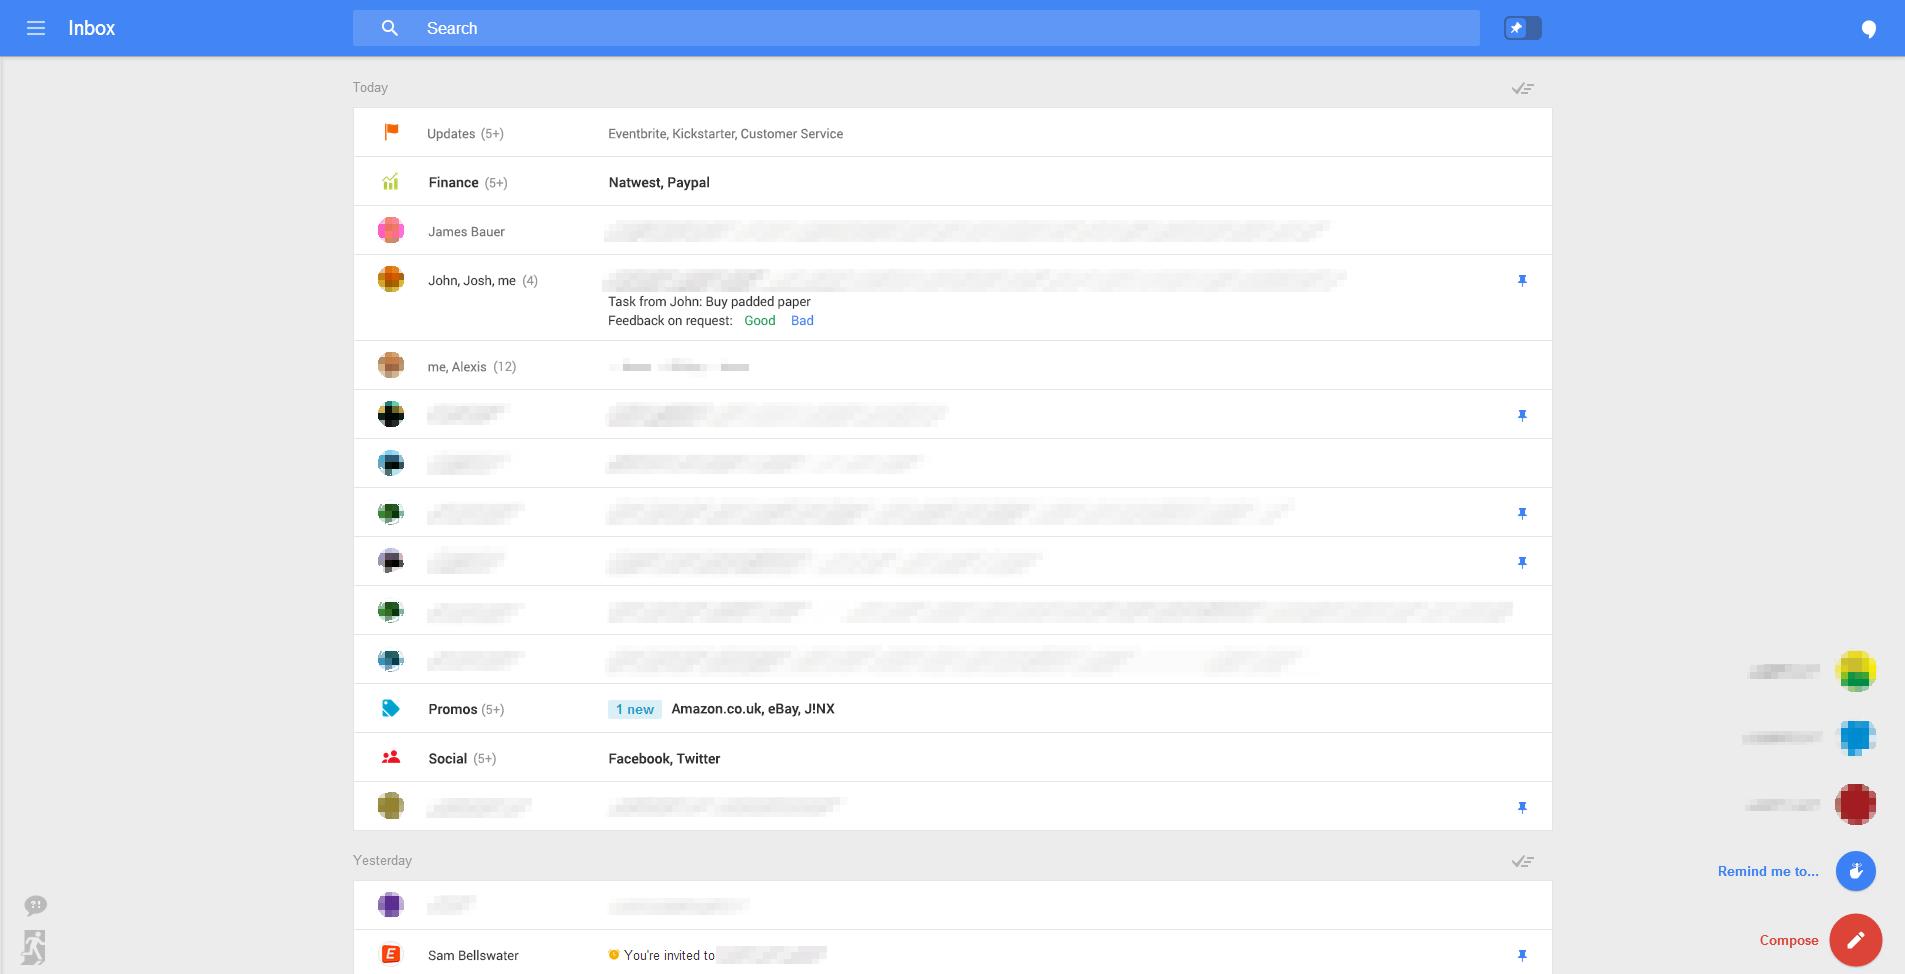 gmail-update-rumor2